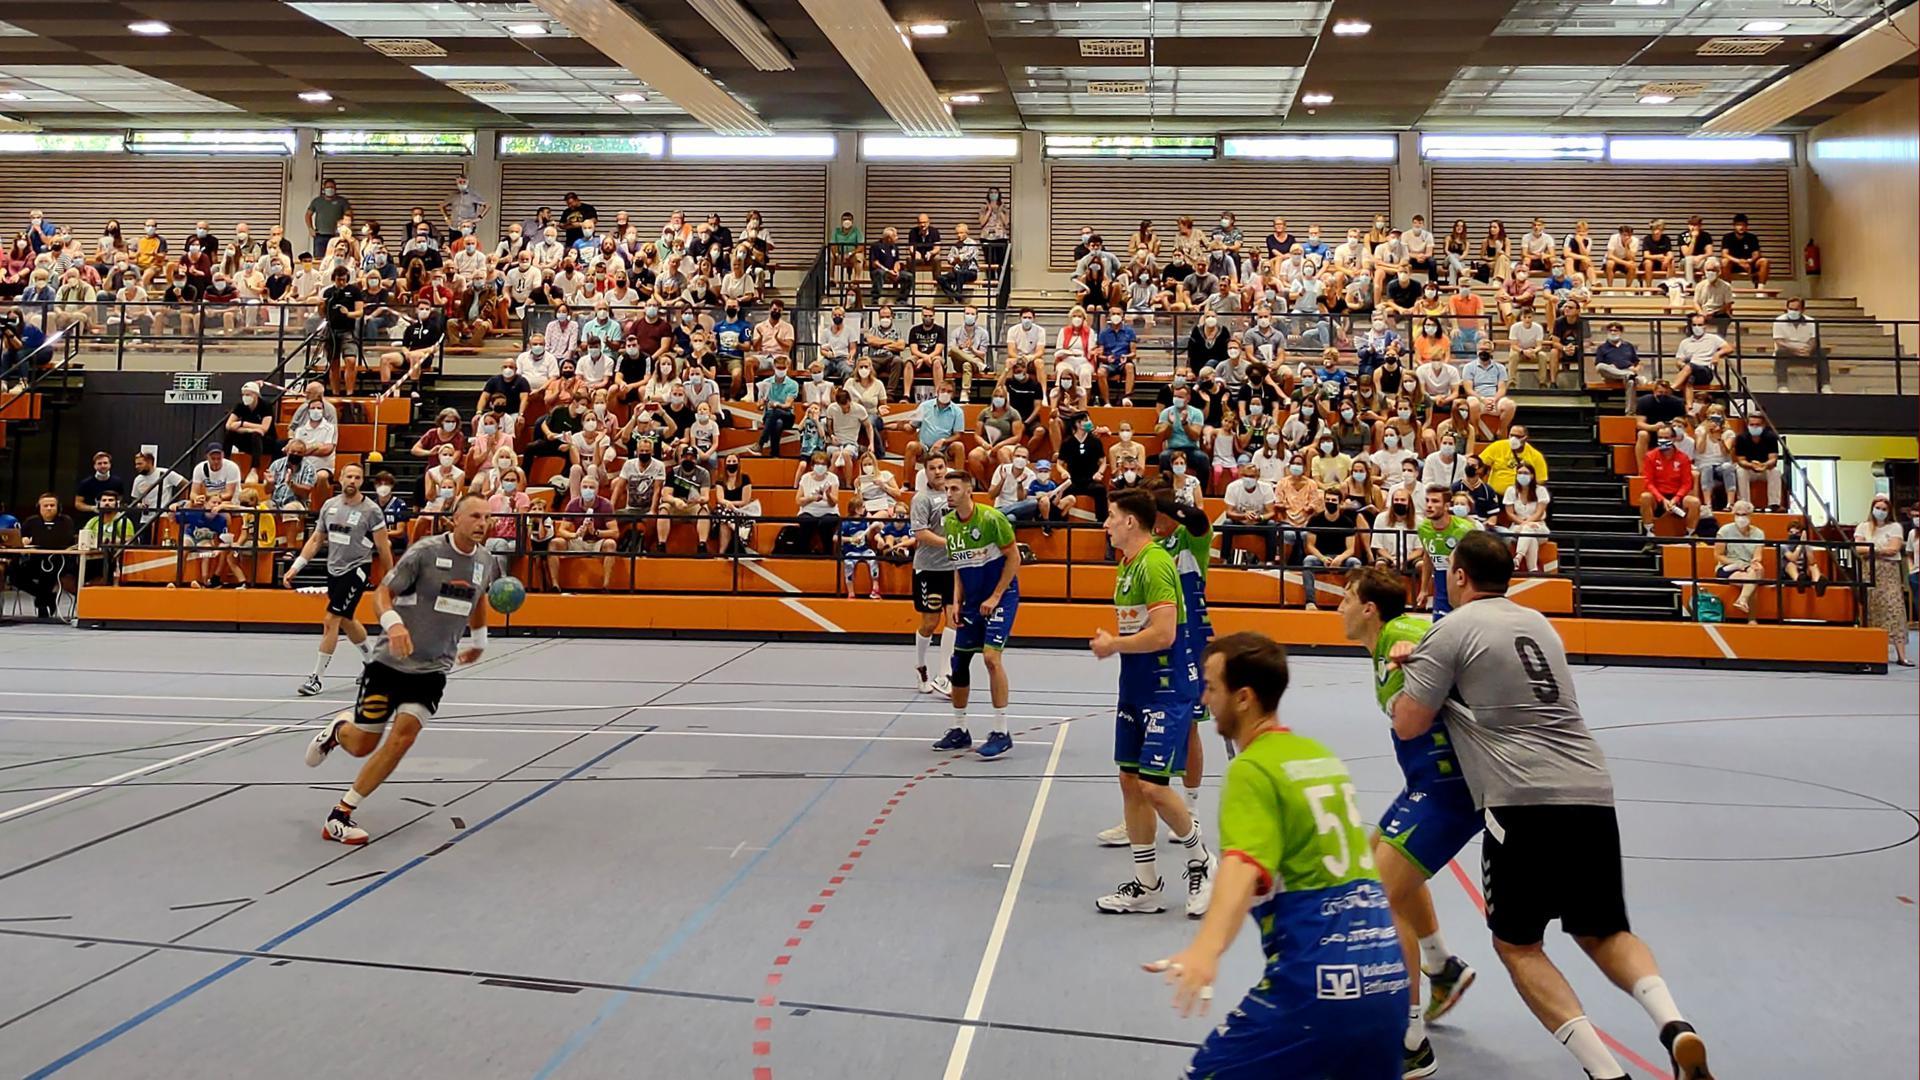 """Endlich mal wieder live: Für Begeisterung sorgten die Handball-All-Stars in der Franz-Kühn-Halle. Im Vordergrund leitet """"Blacky"""" Schwarzer einen Angriff ein."""